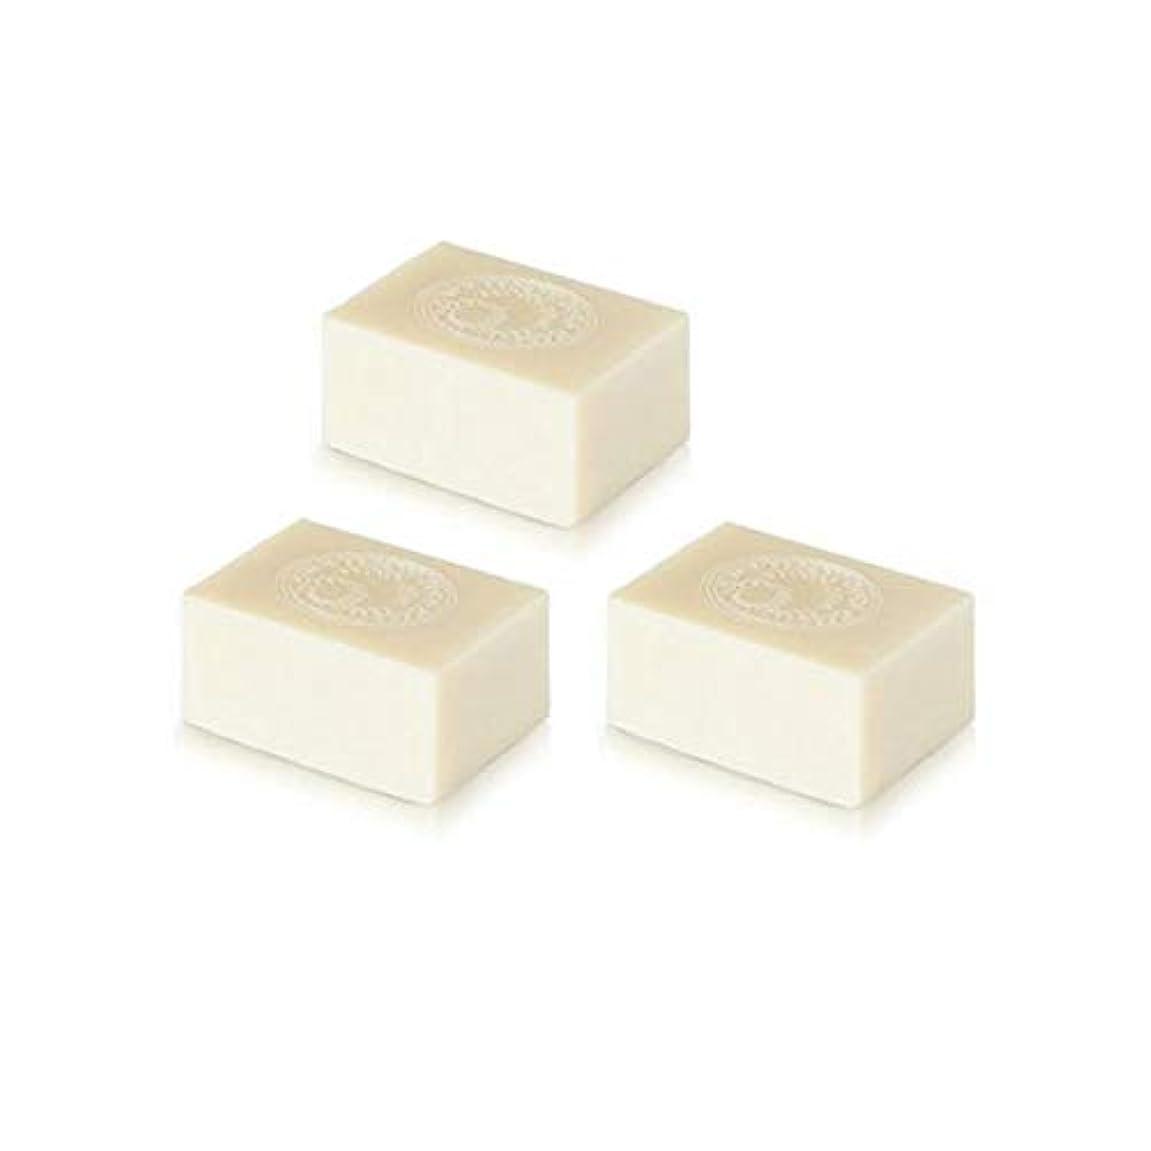 欲望アナニバー巡礼者アルガン石鹸3個セット( 145g ×3個) アルガンオイルの完全無添加石鹸